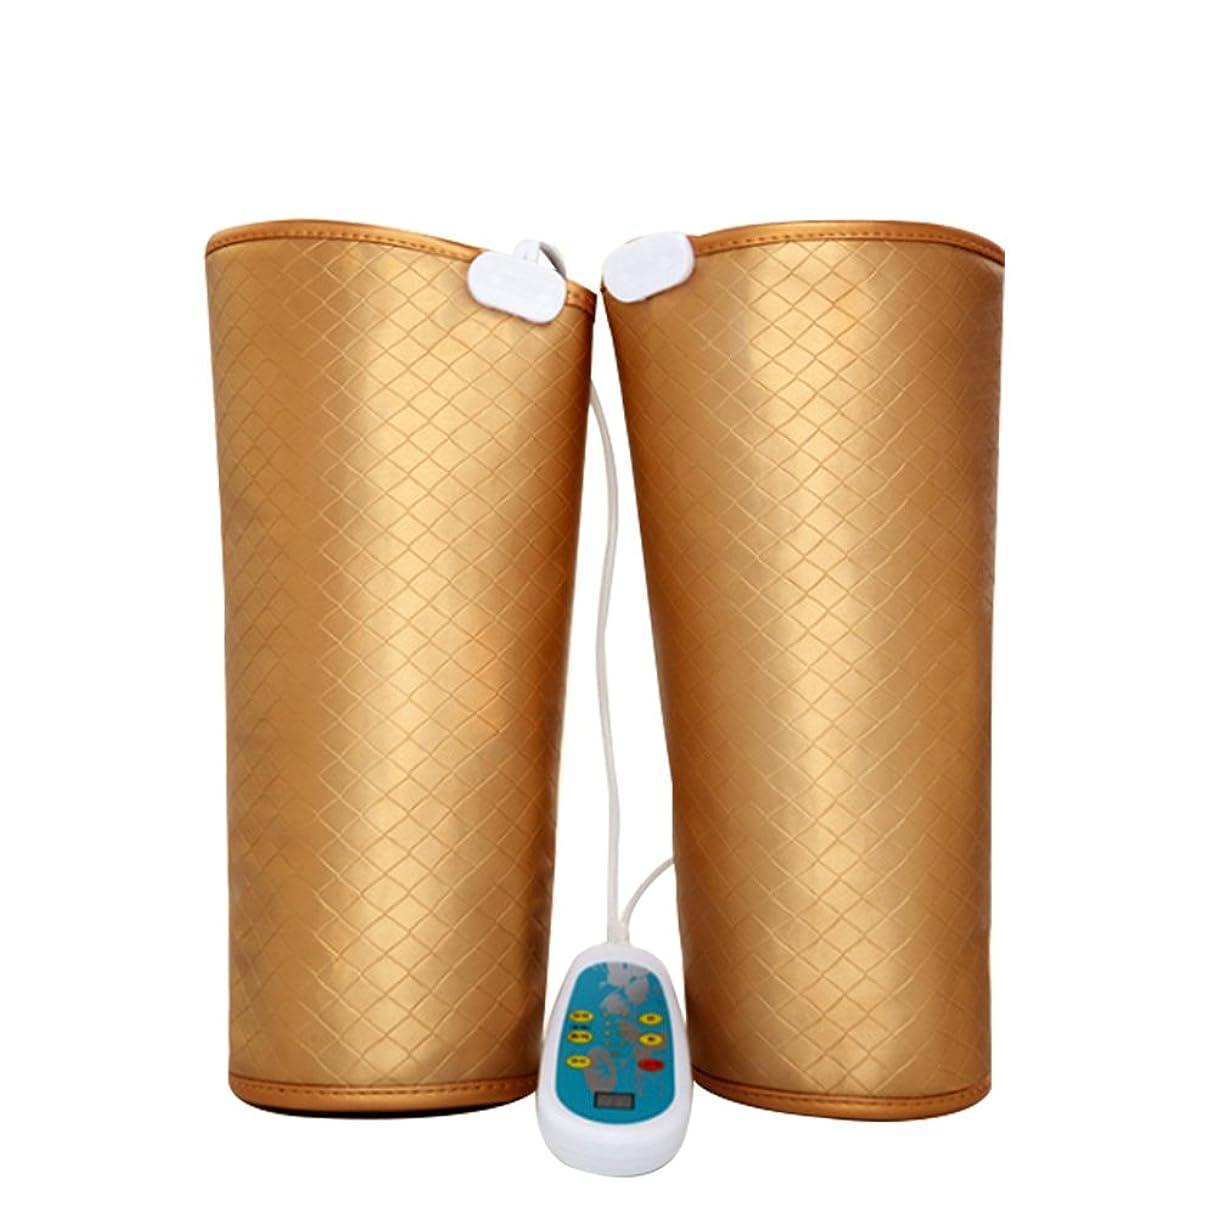 ジョットディボンドン赤道によって電気マッサージ、膝の保温、男女通用、マッサージ機、膝と足を加熱してマッサージします